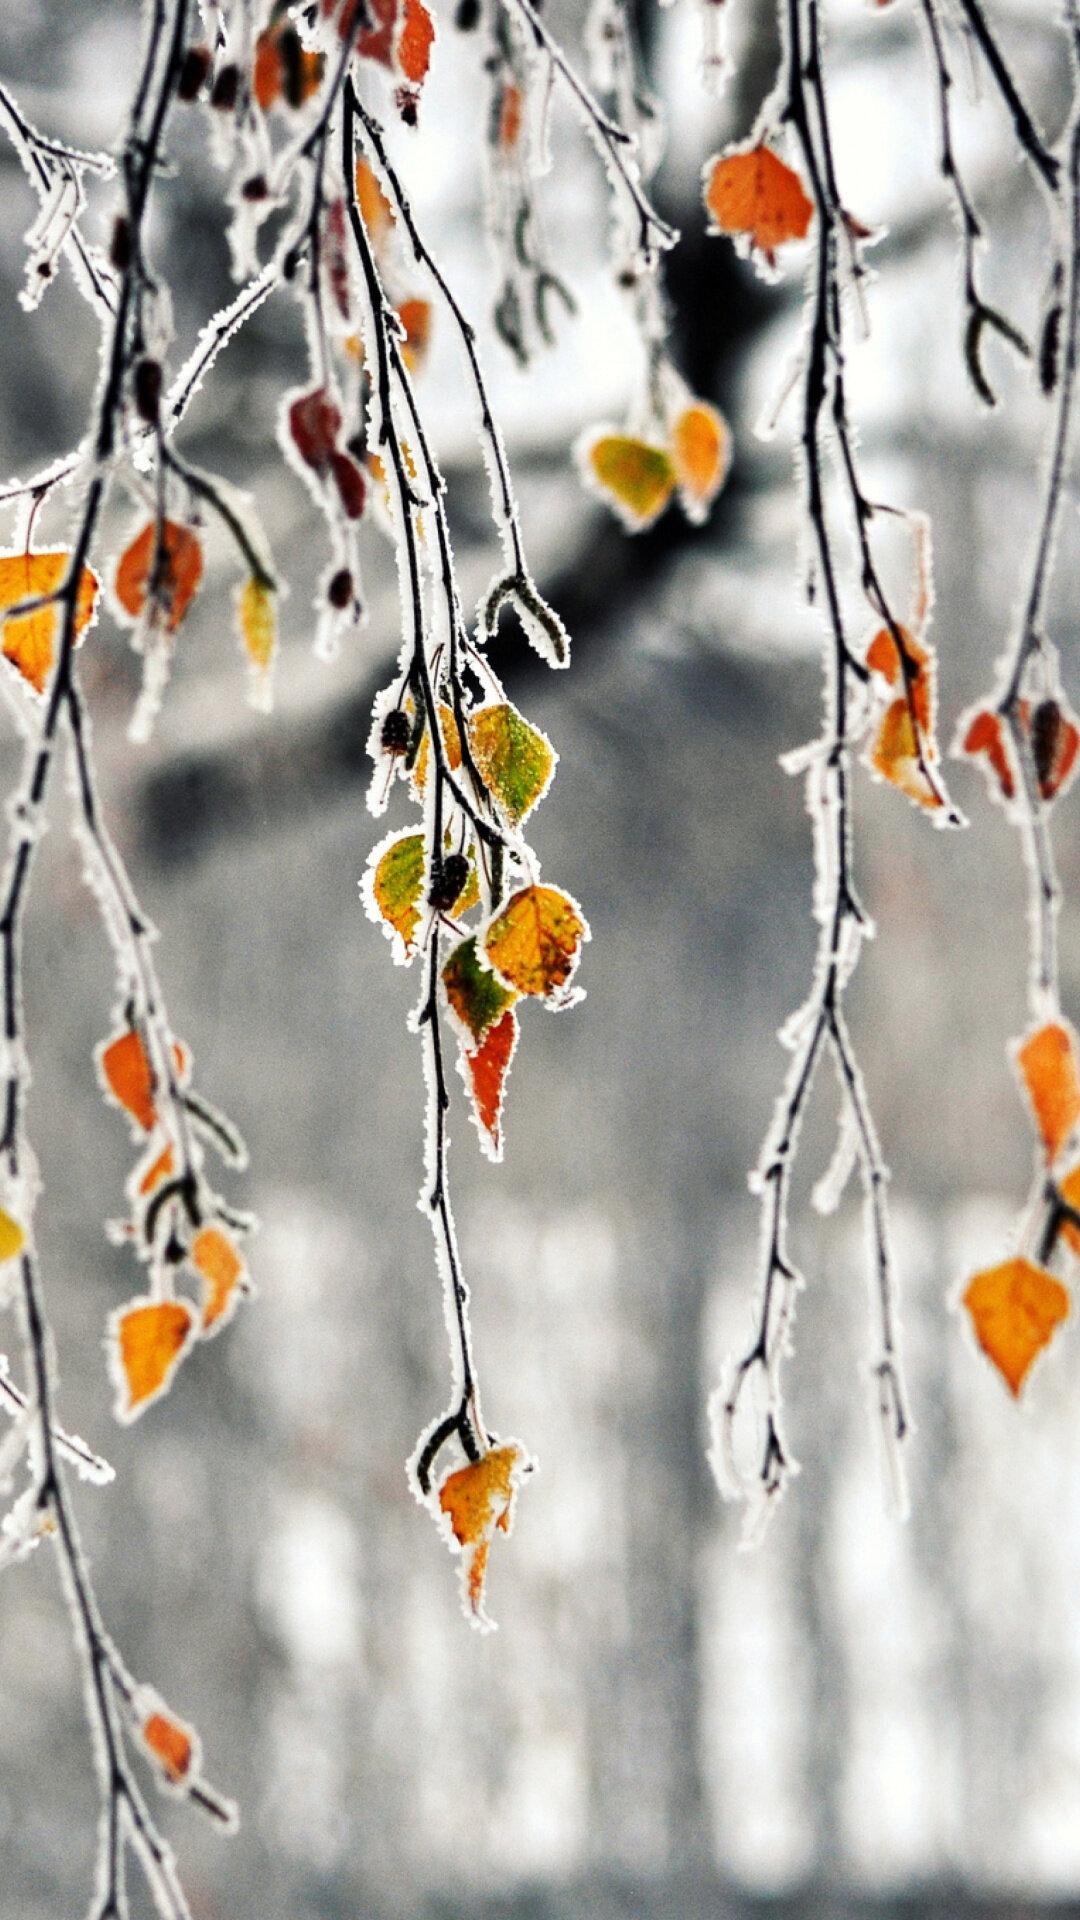 объект осень зима картинки на телефон это натуральный камень